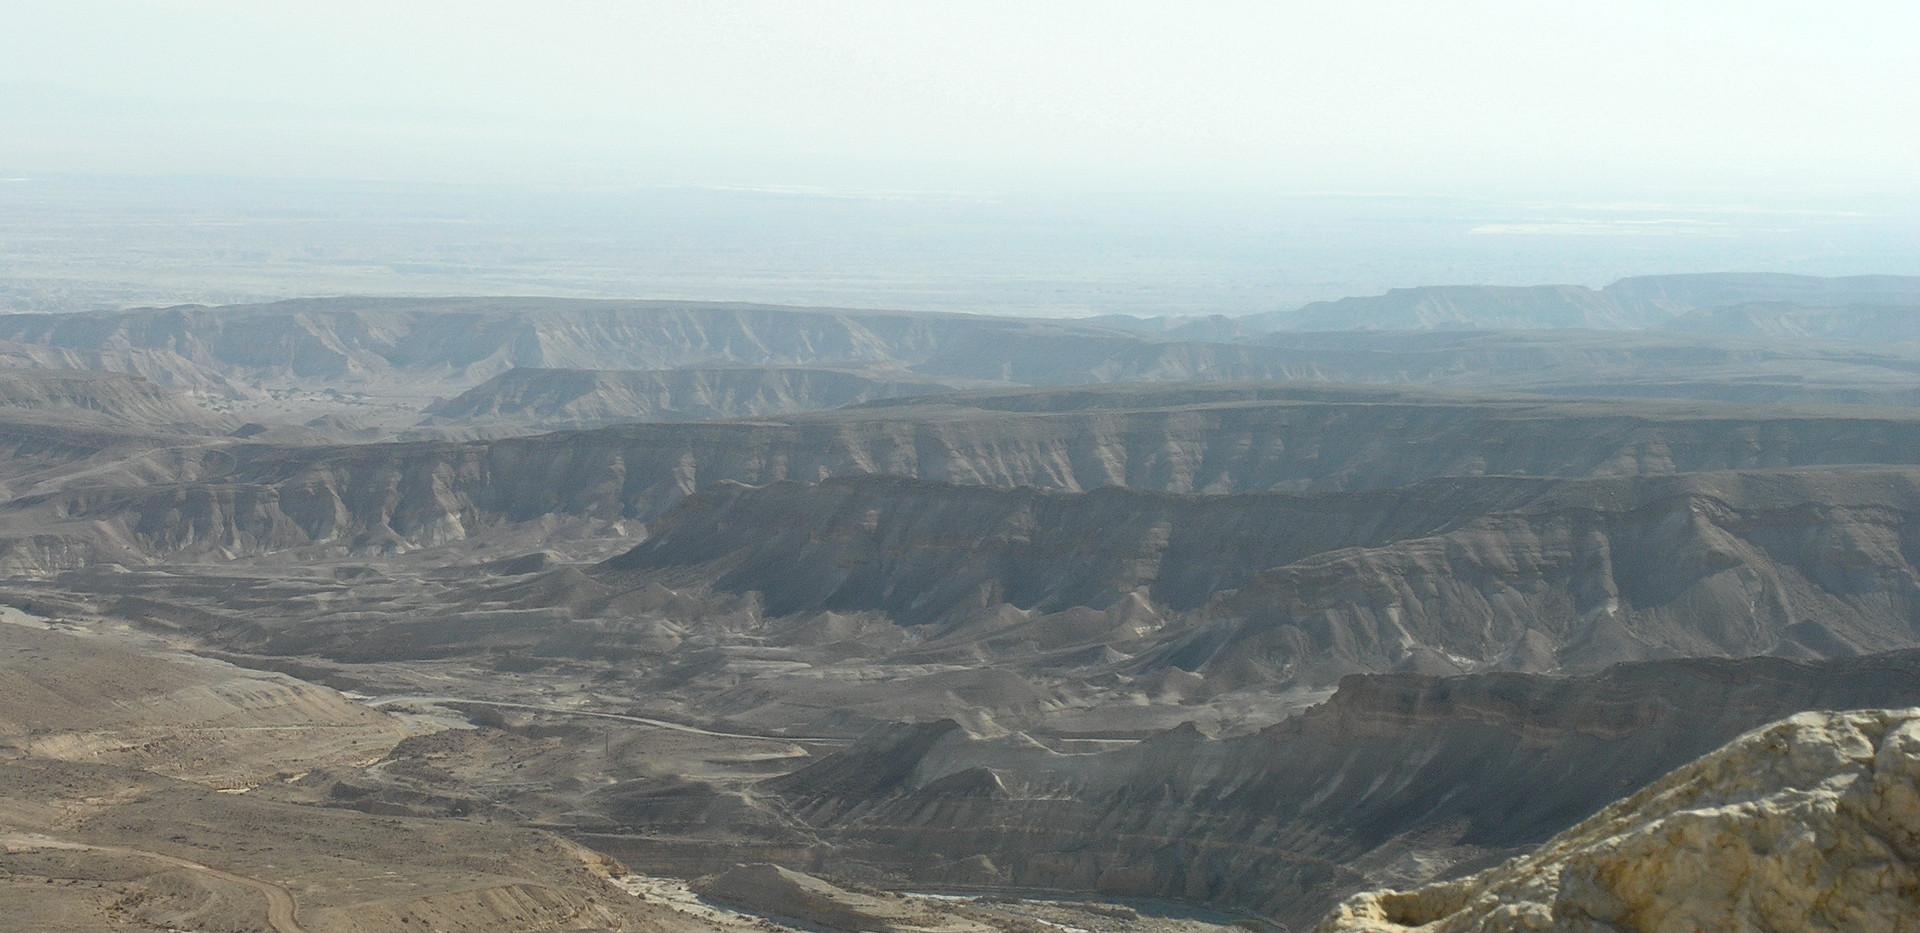 066 Dead Sea.JPG